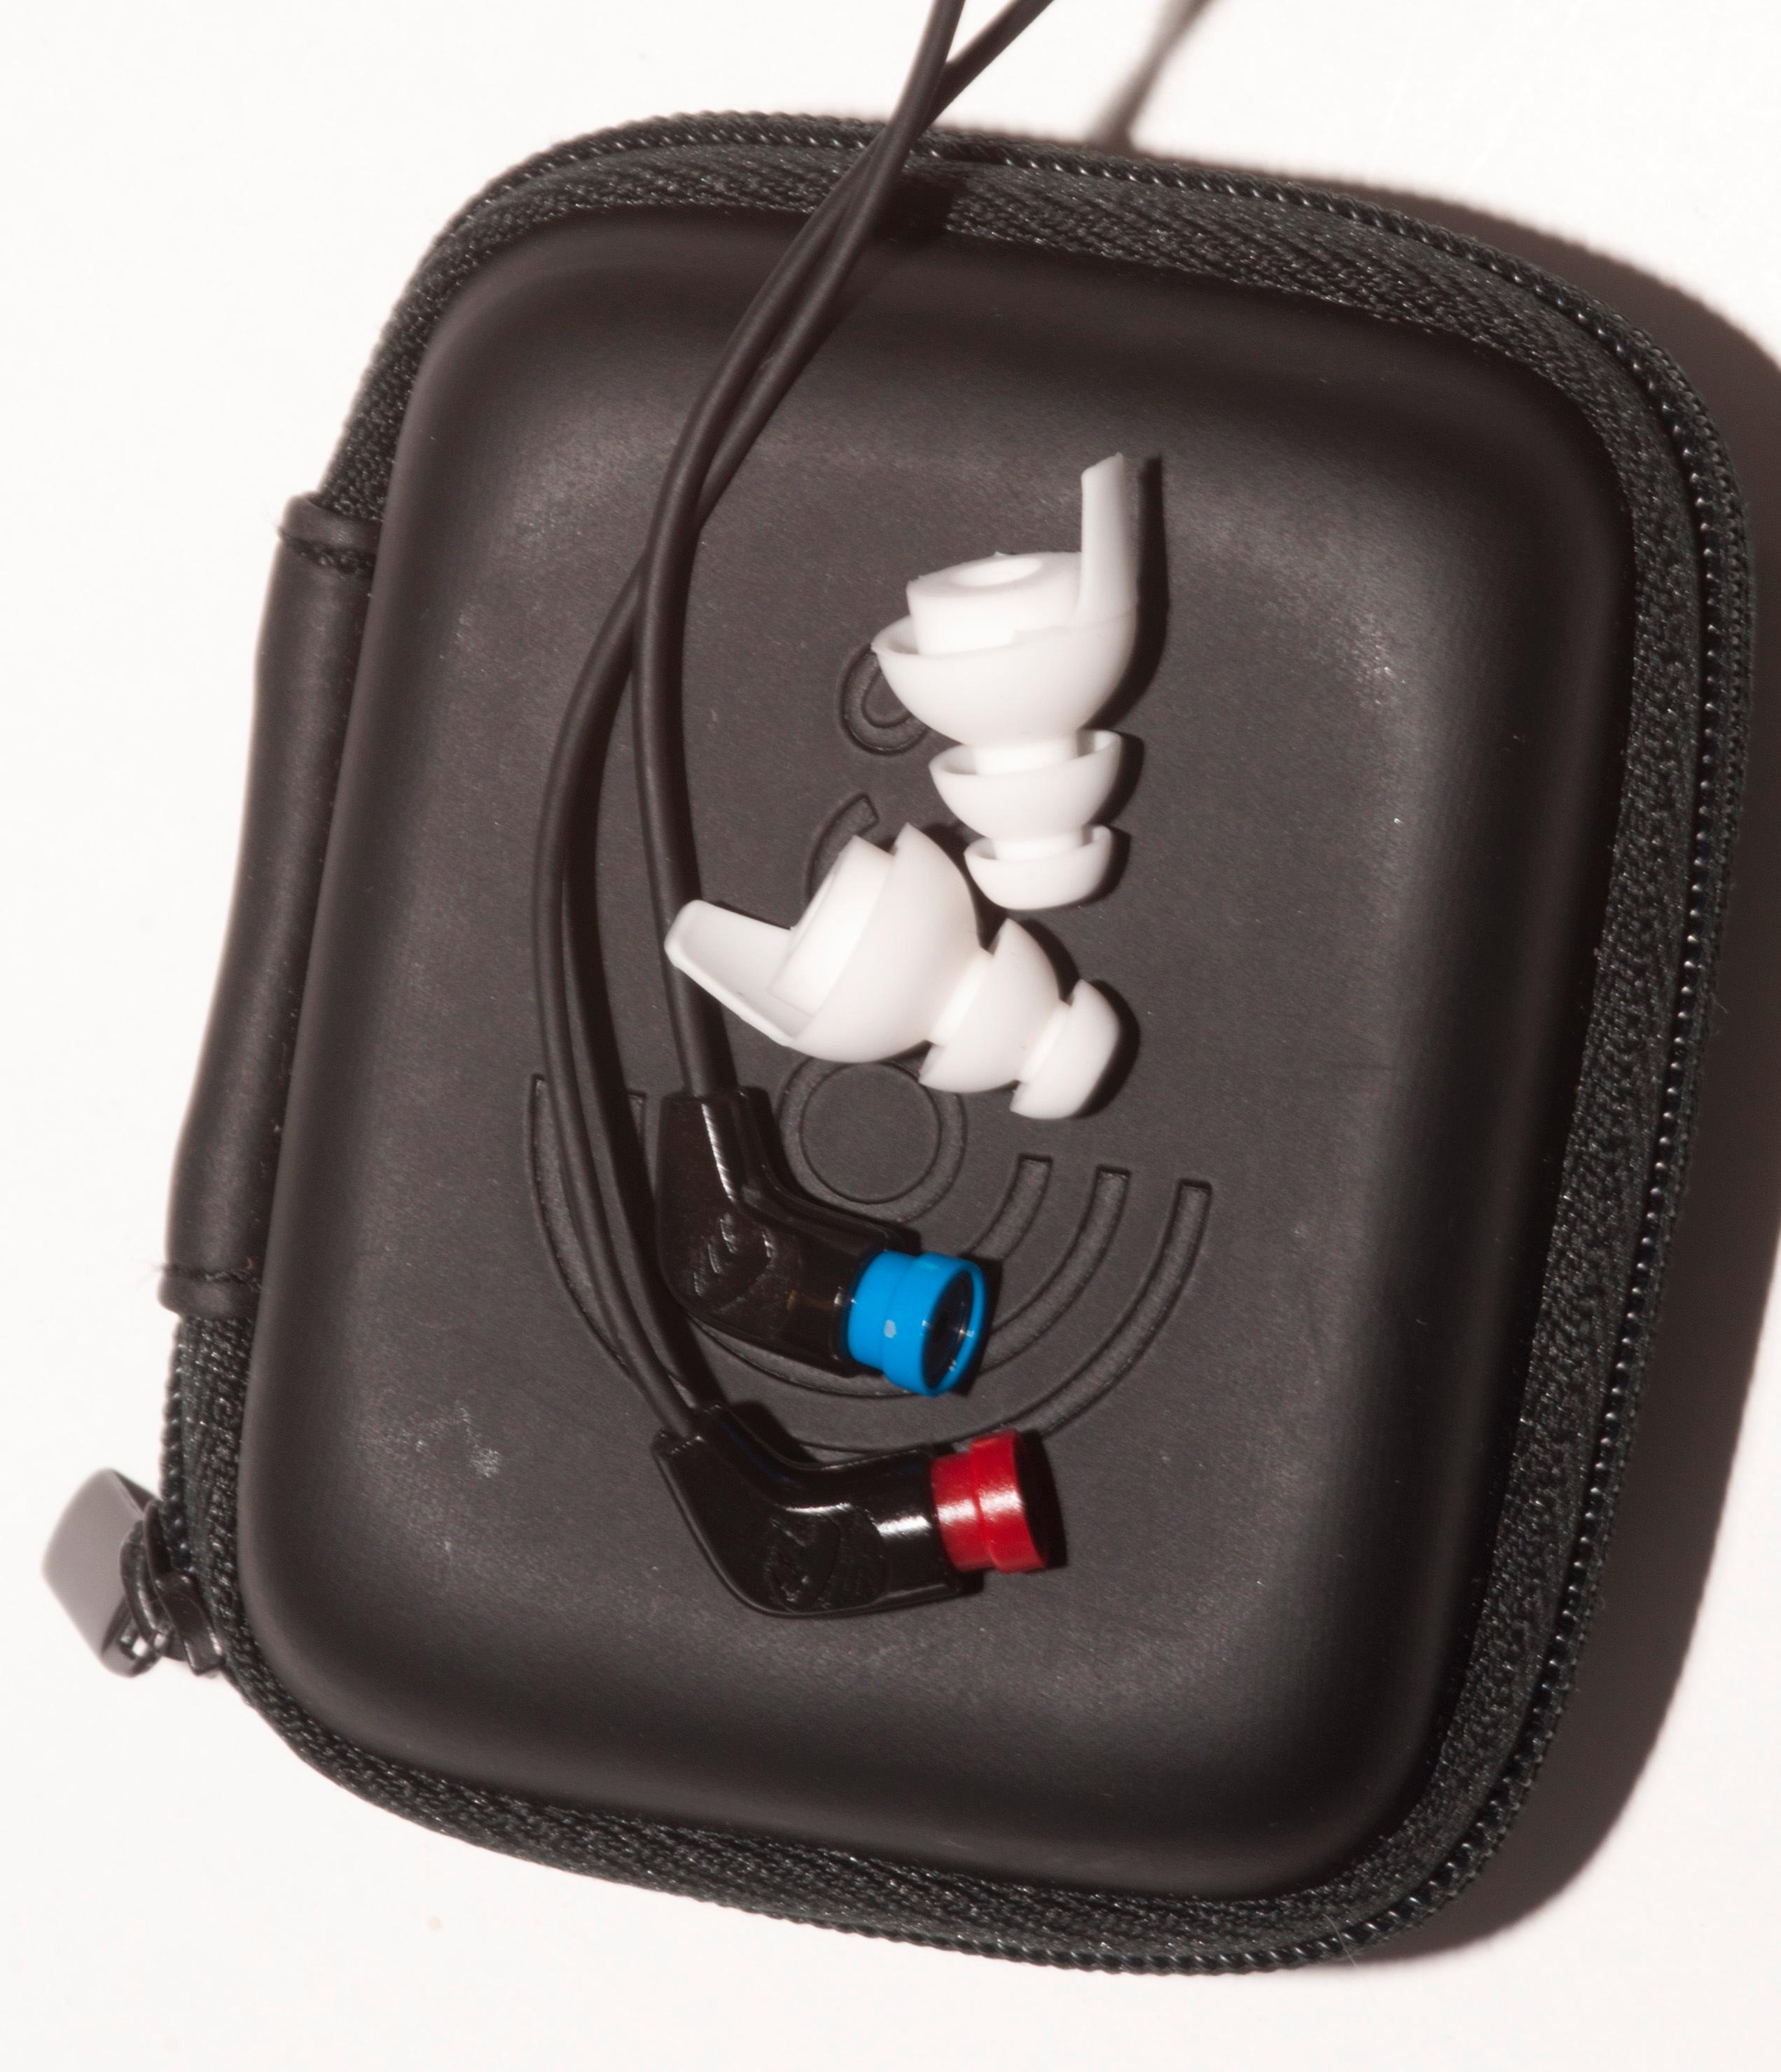 ACS T15 sammen med medfølgende futteral. Hvis du ikke trenger tilpassede propper koster denne pakken 1500 kroner.